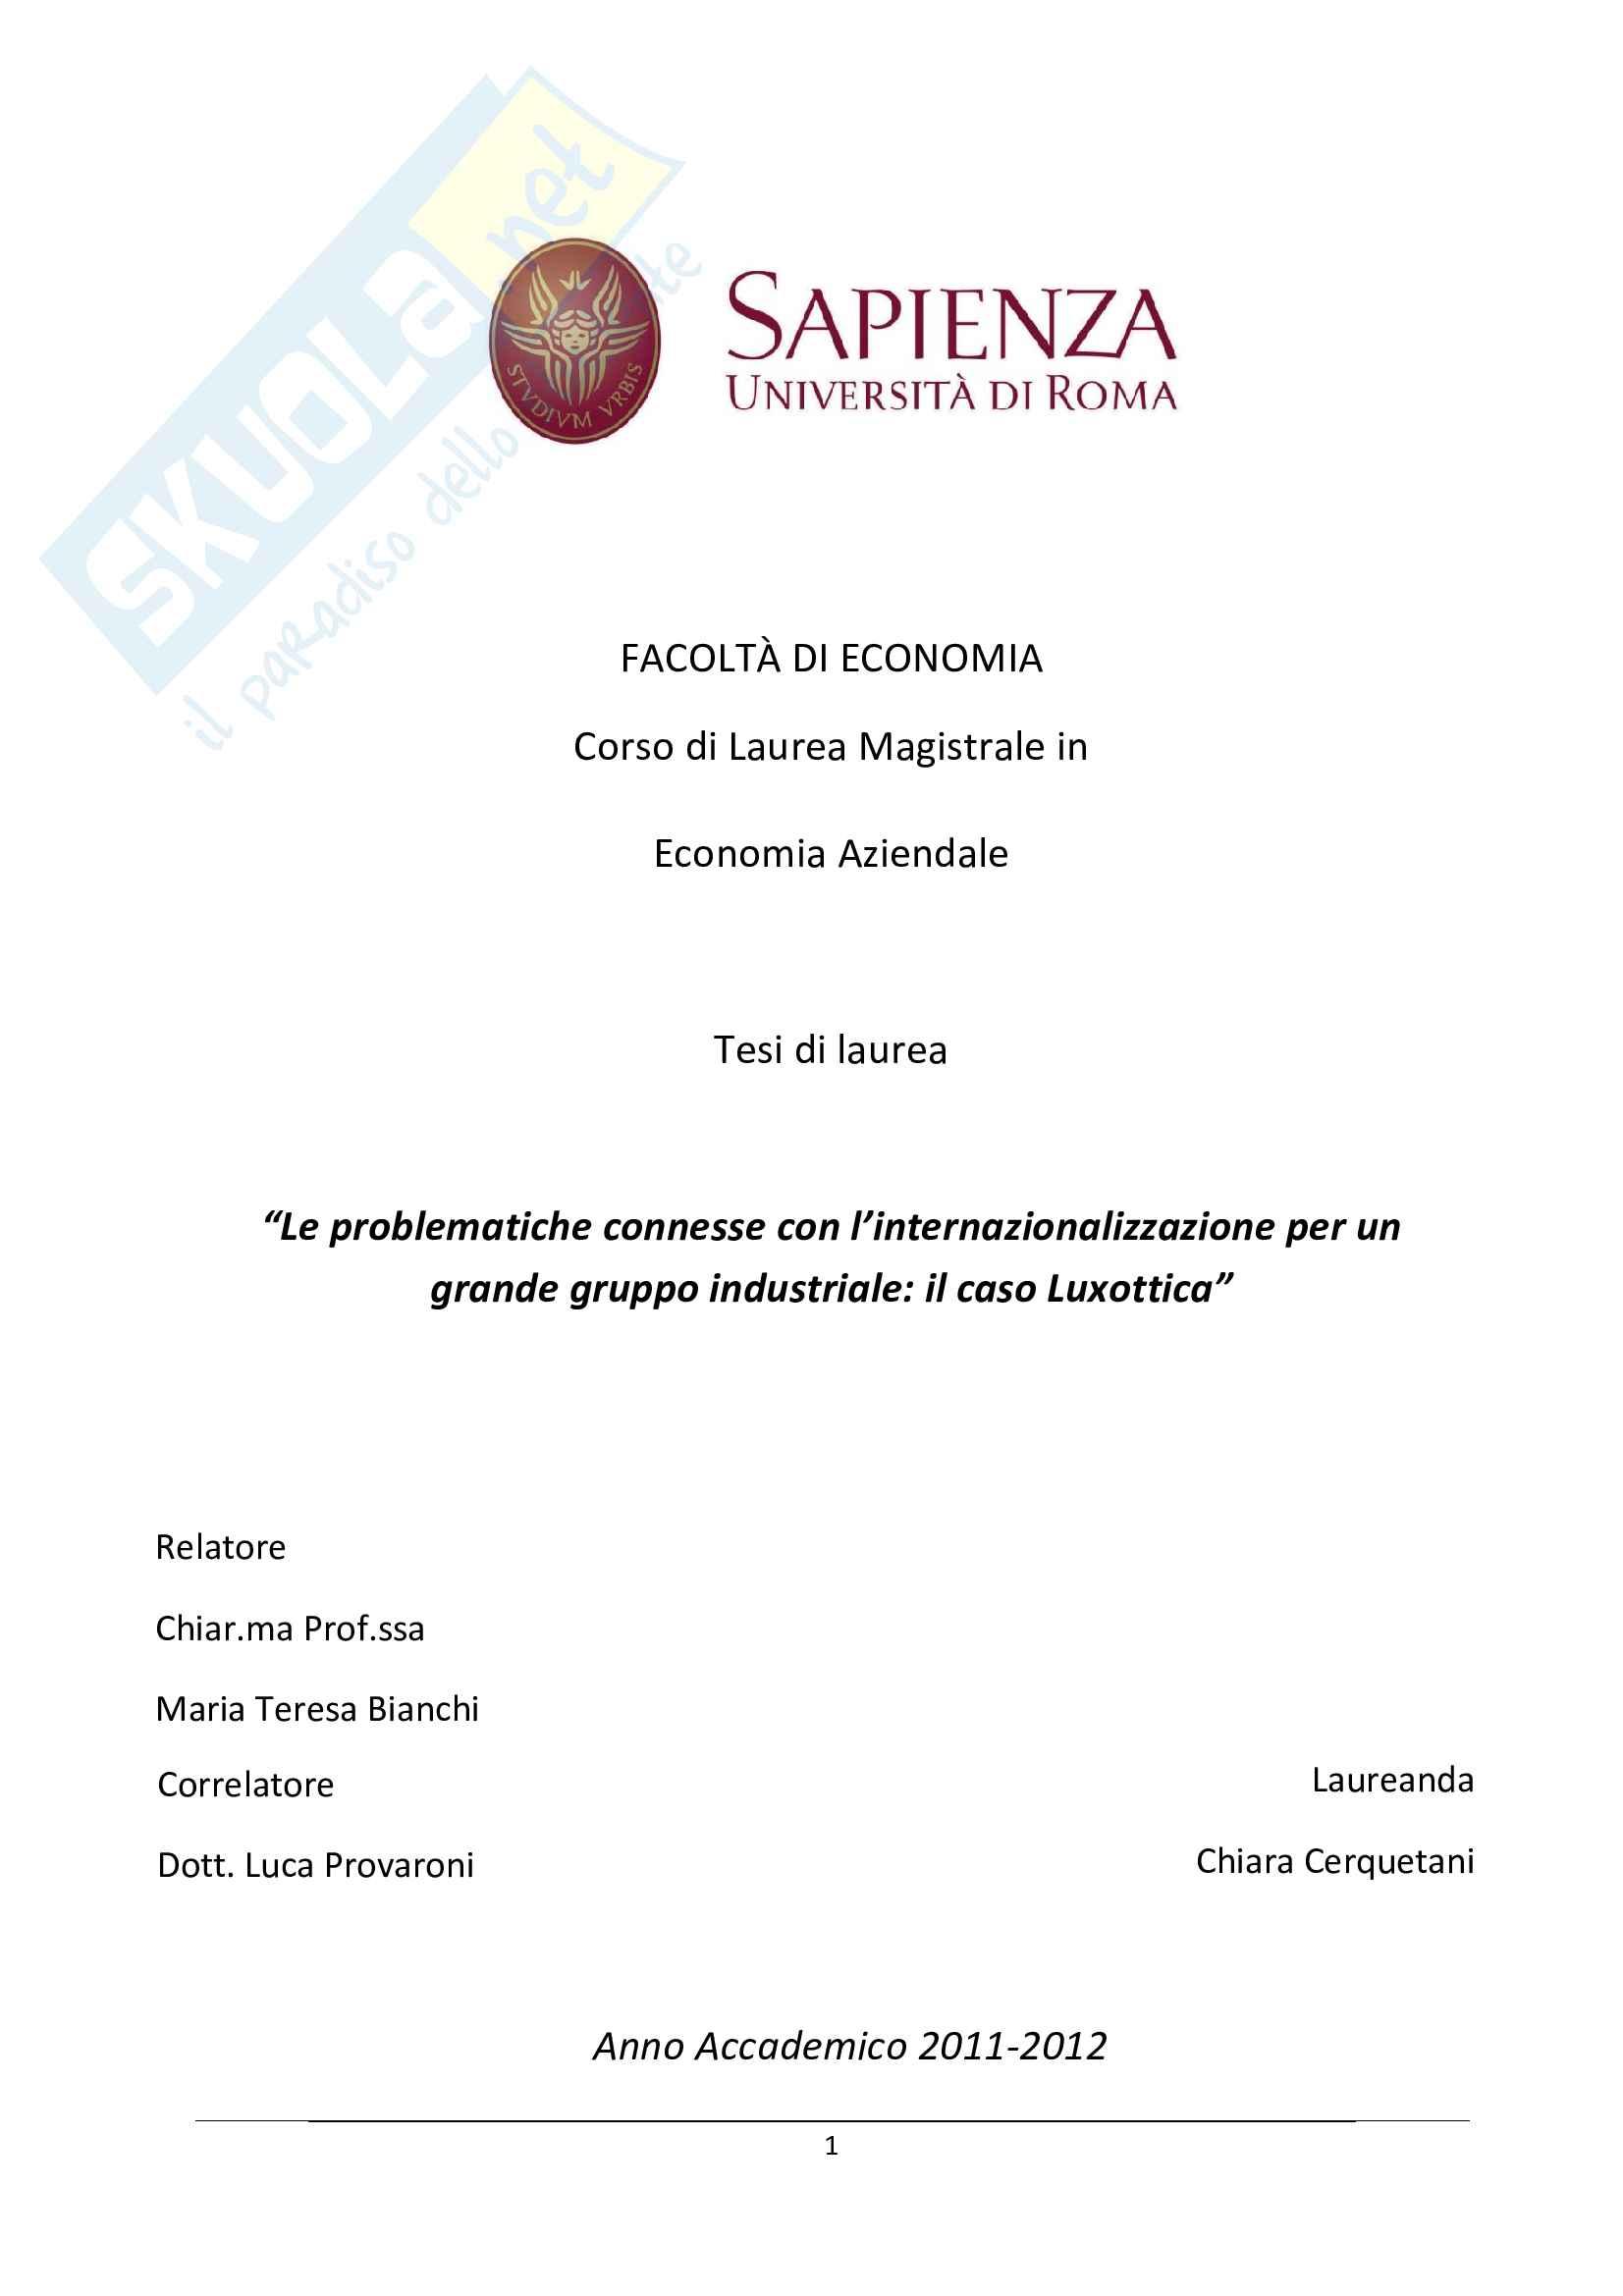 Tesi - Le problematiche connesse con l'internazionalizzazione: il caso Luxottica Pag. 1